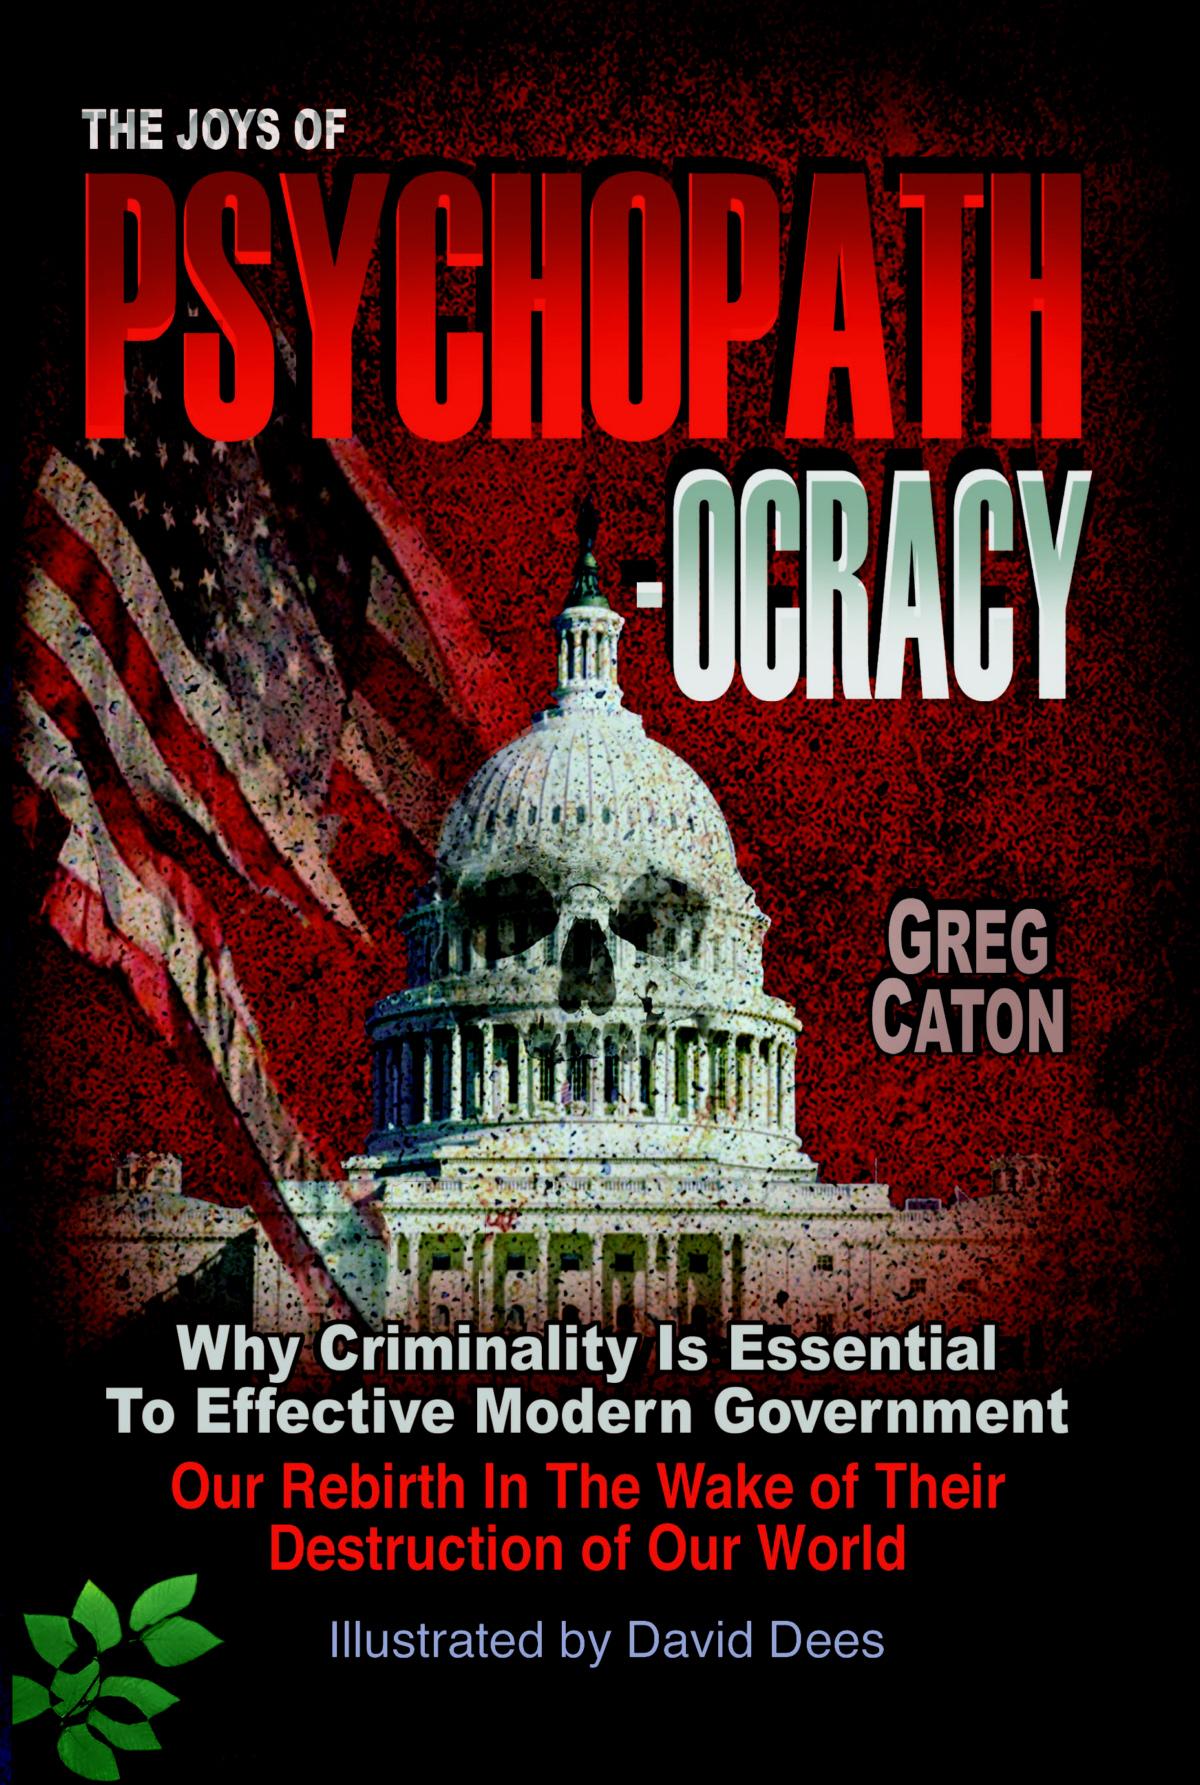 Greg Caton -- authored works